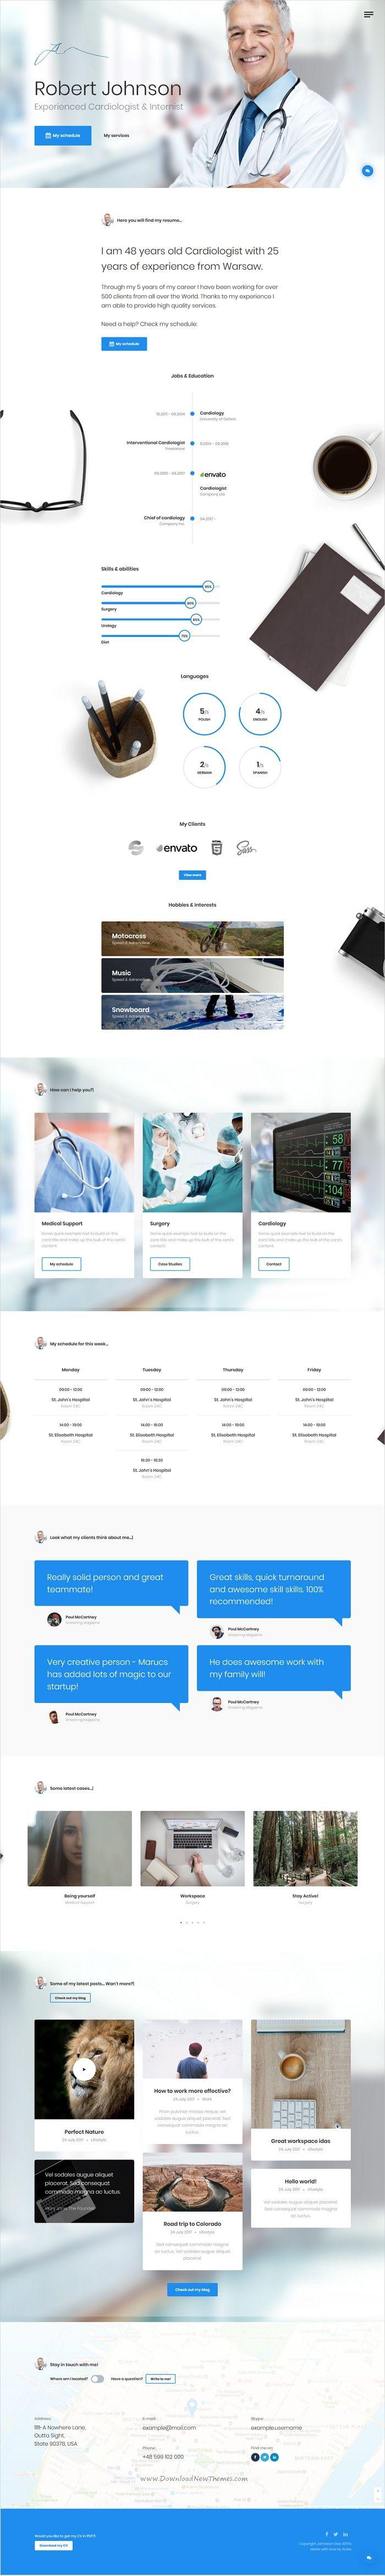 13 best Web design images on Pinterest   Corporate website design ...